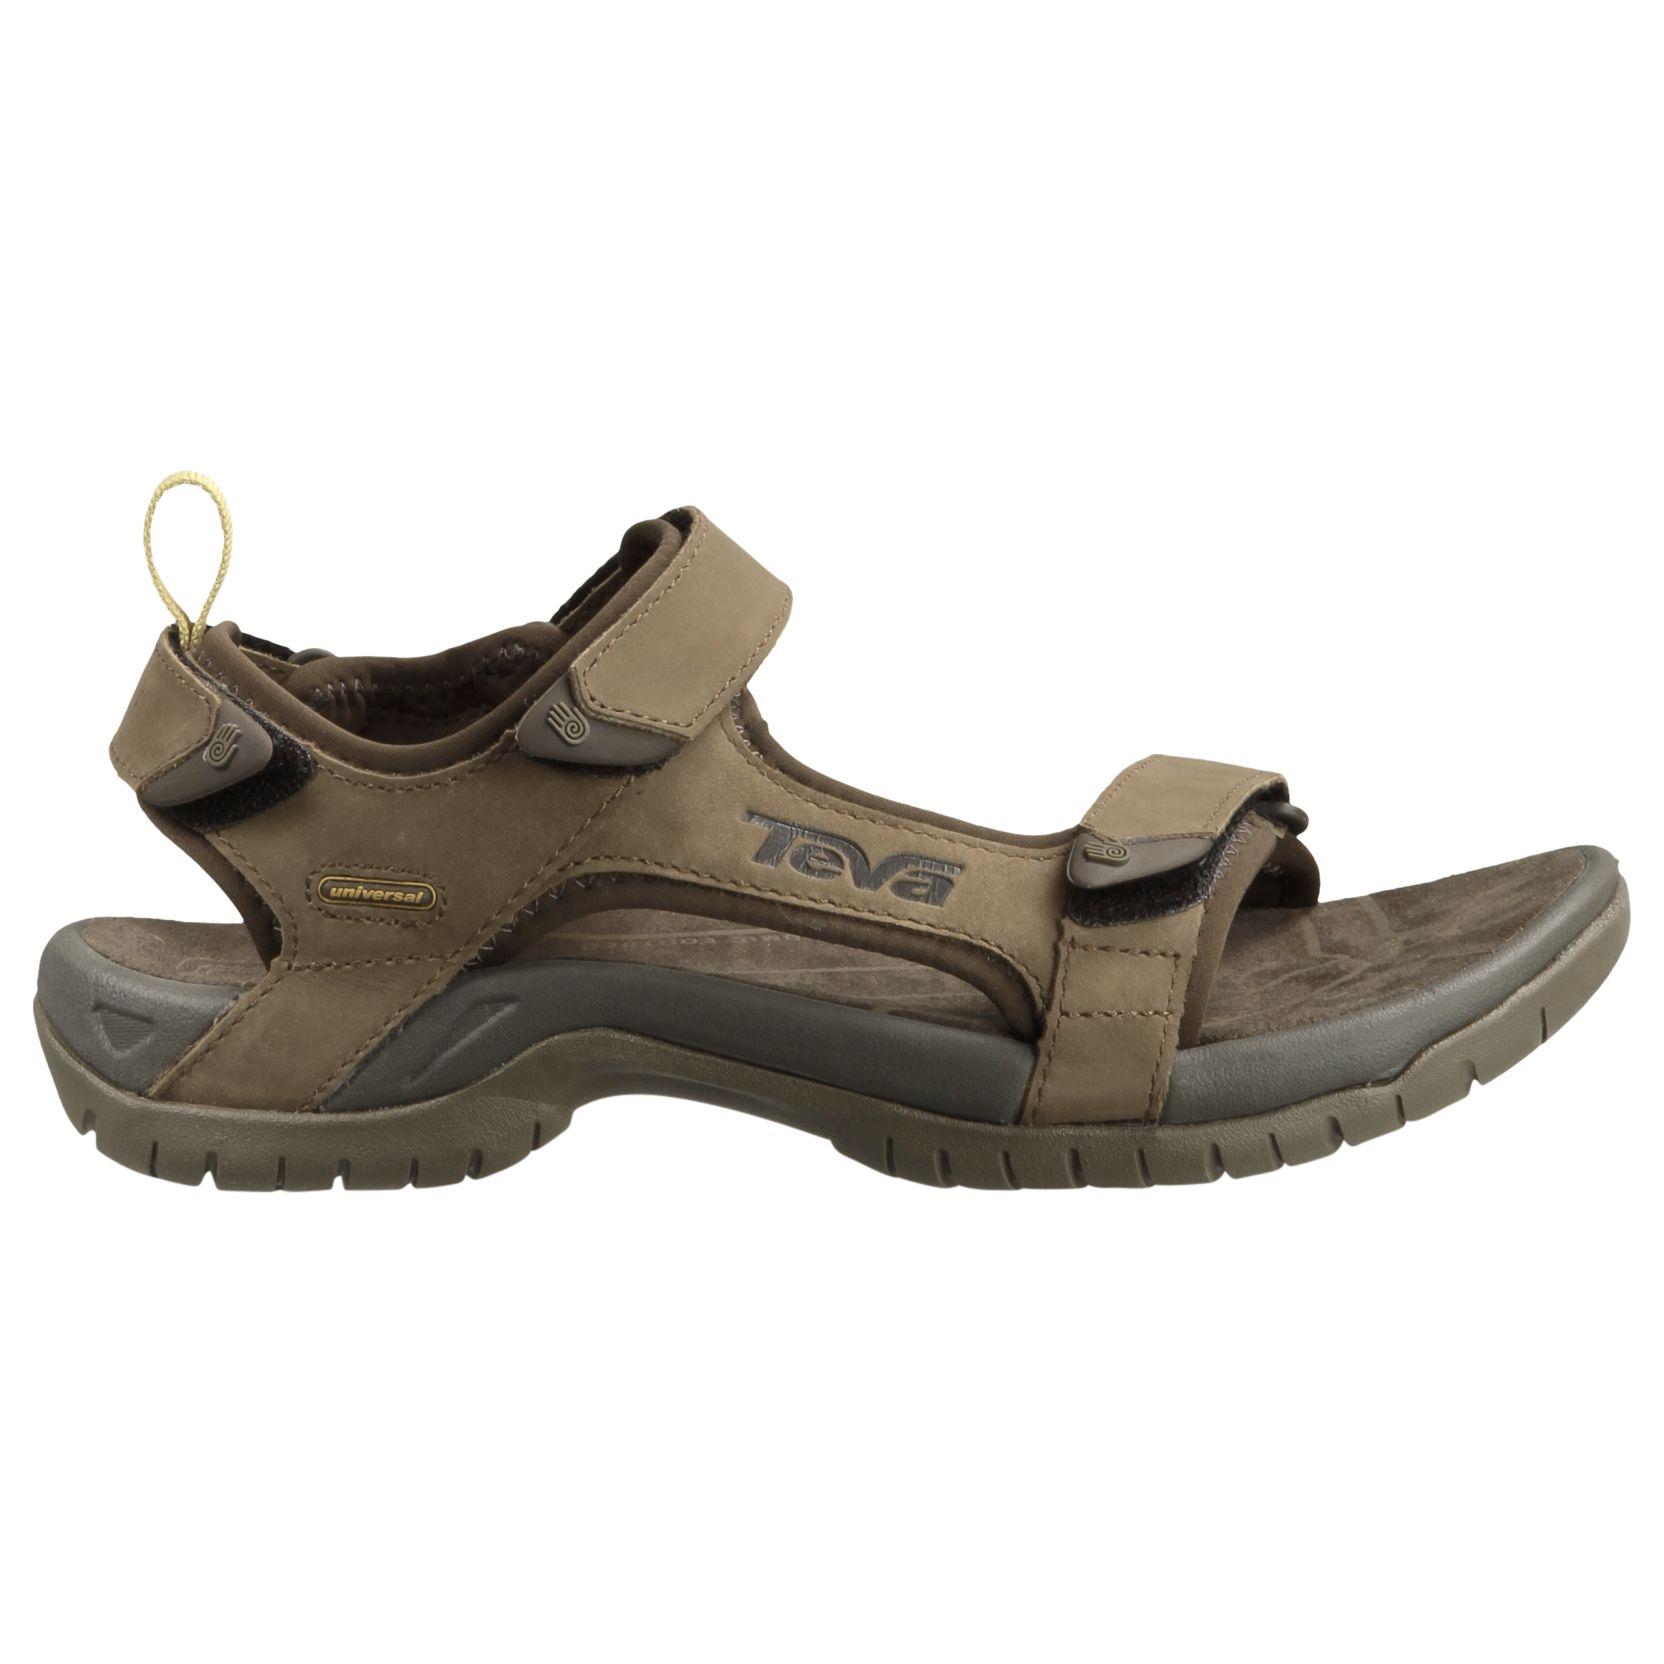 Teva Tanza Mens Sandals-Grey